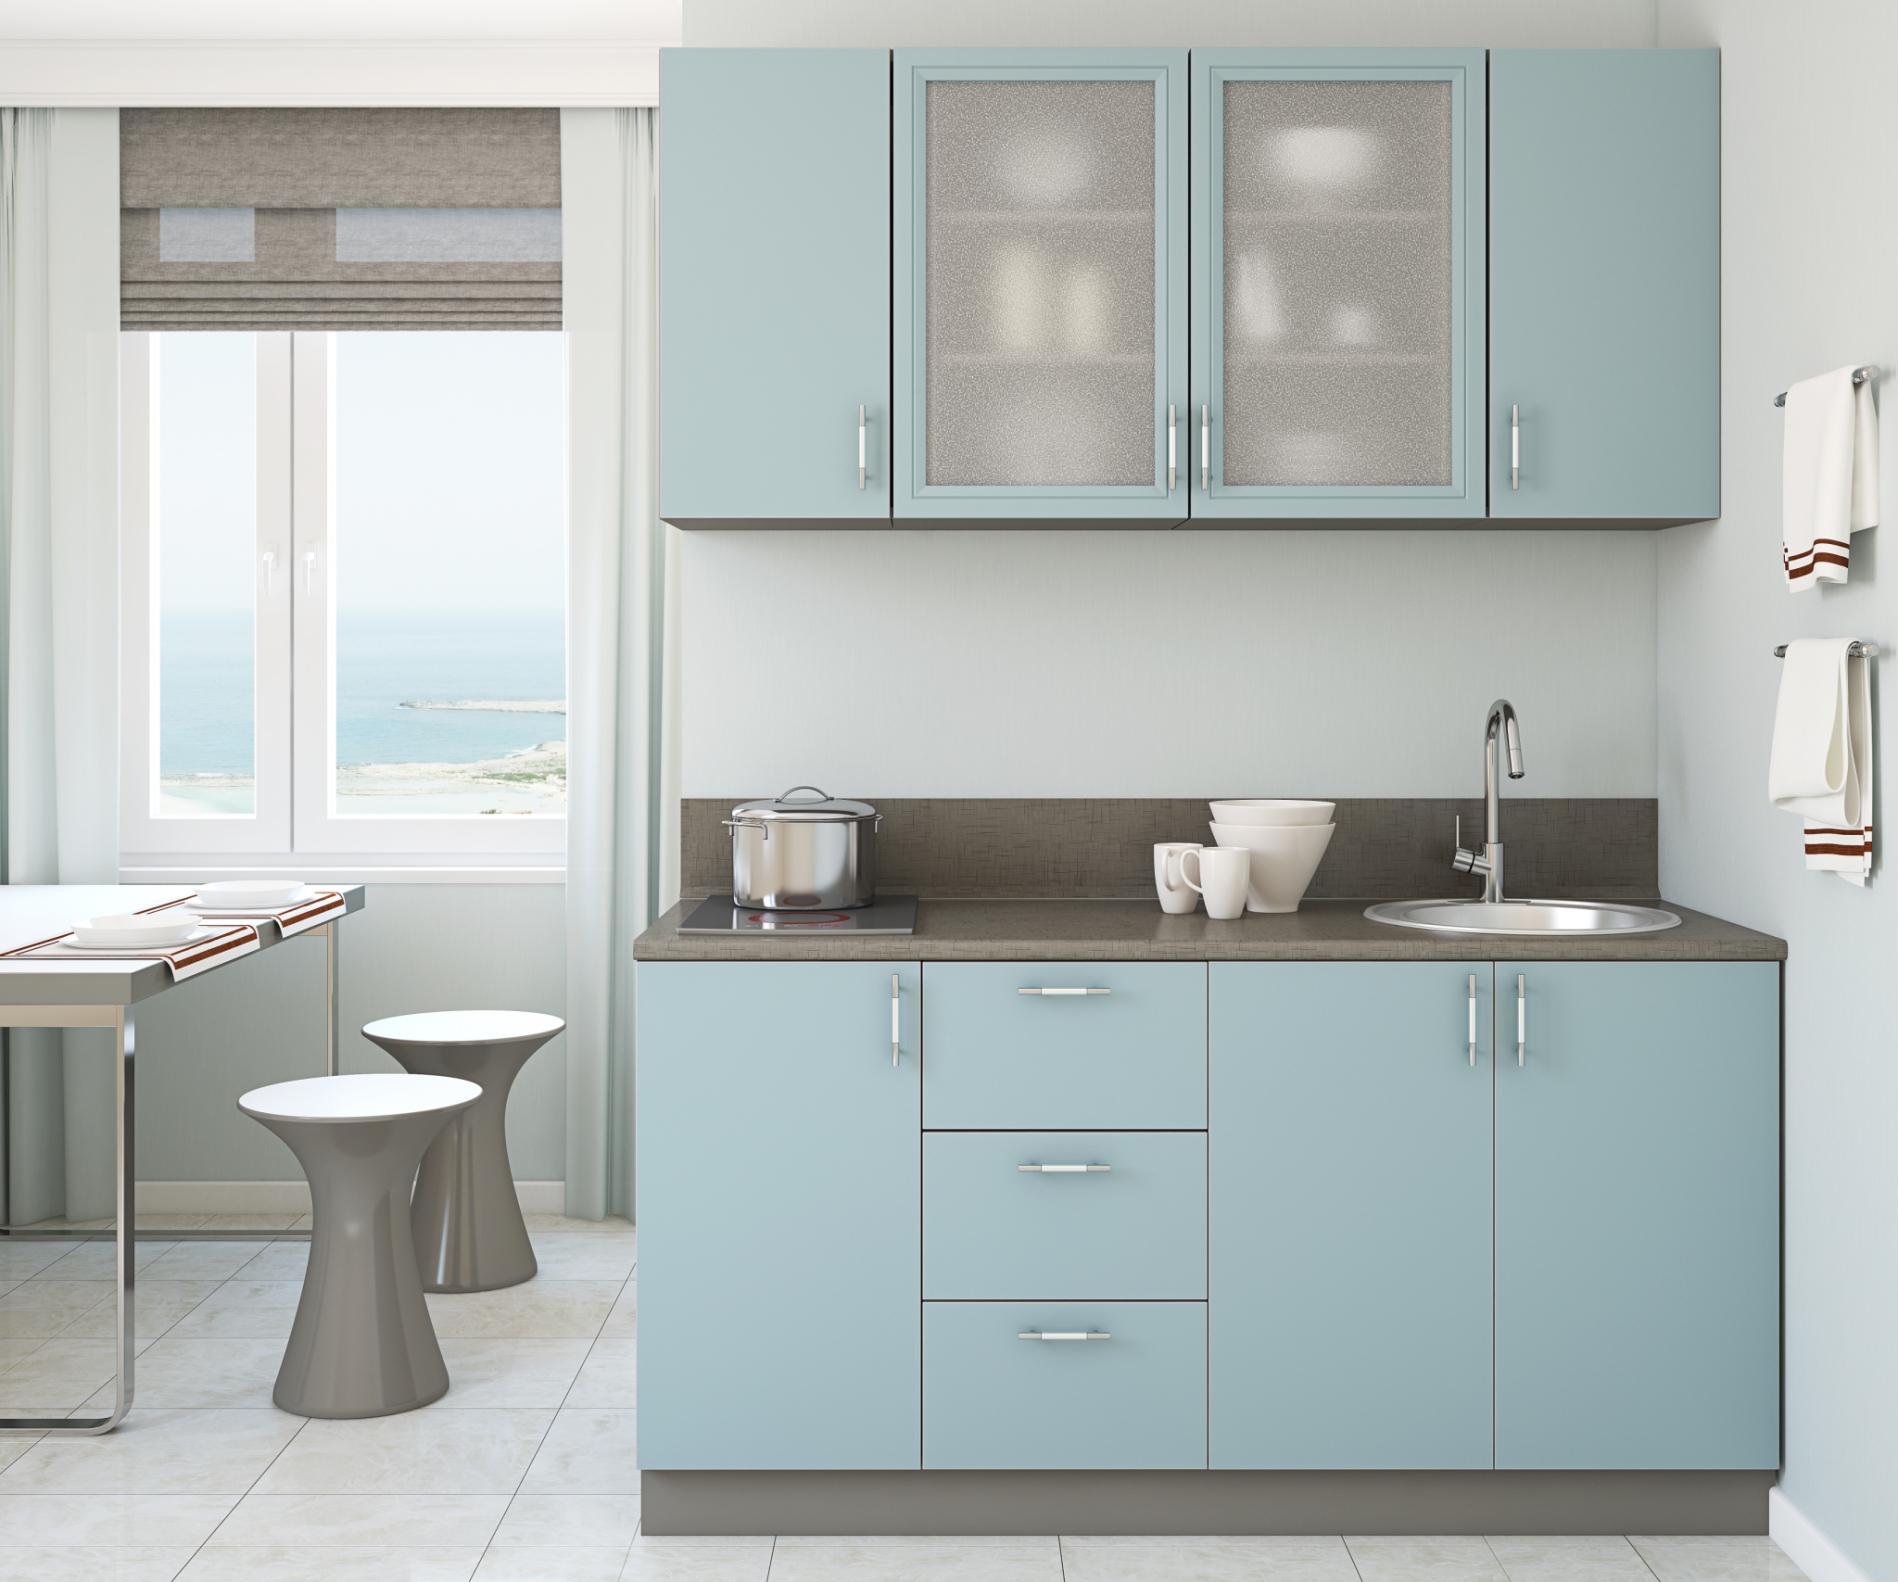 Full Size of Landhausküche Wandfarbe Welche Zu Blauer Kche Besten Ideen Grau Weiß Moderne Weisse Gebraucht Wohnzimmer Landhausküche Wandfarbe